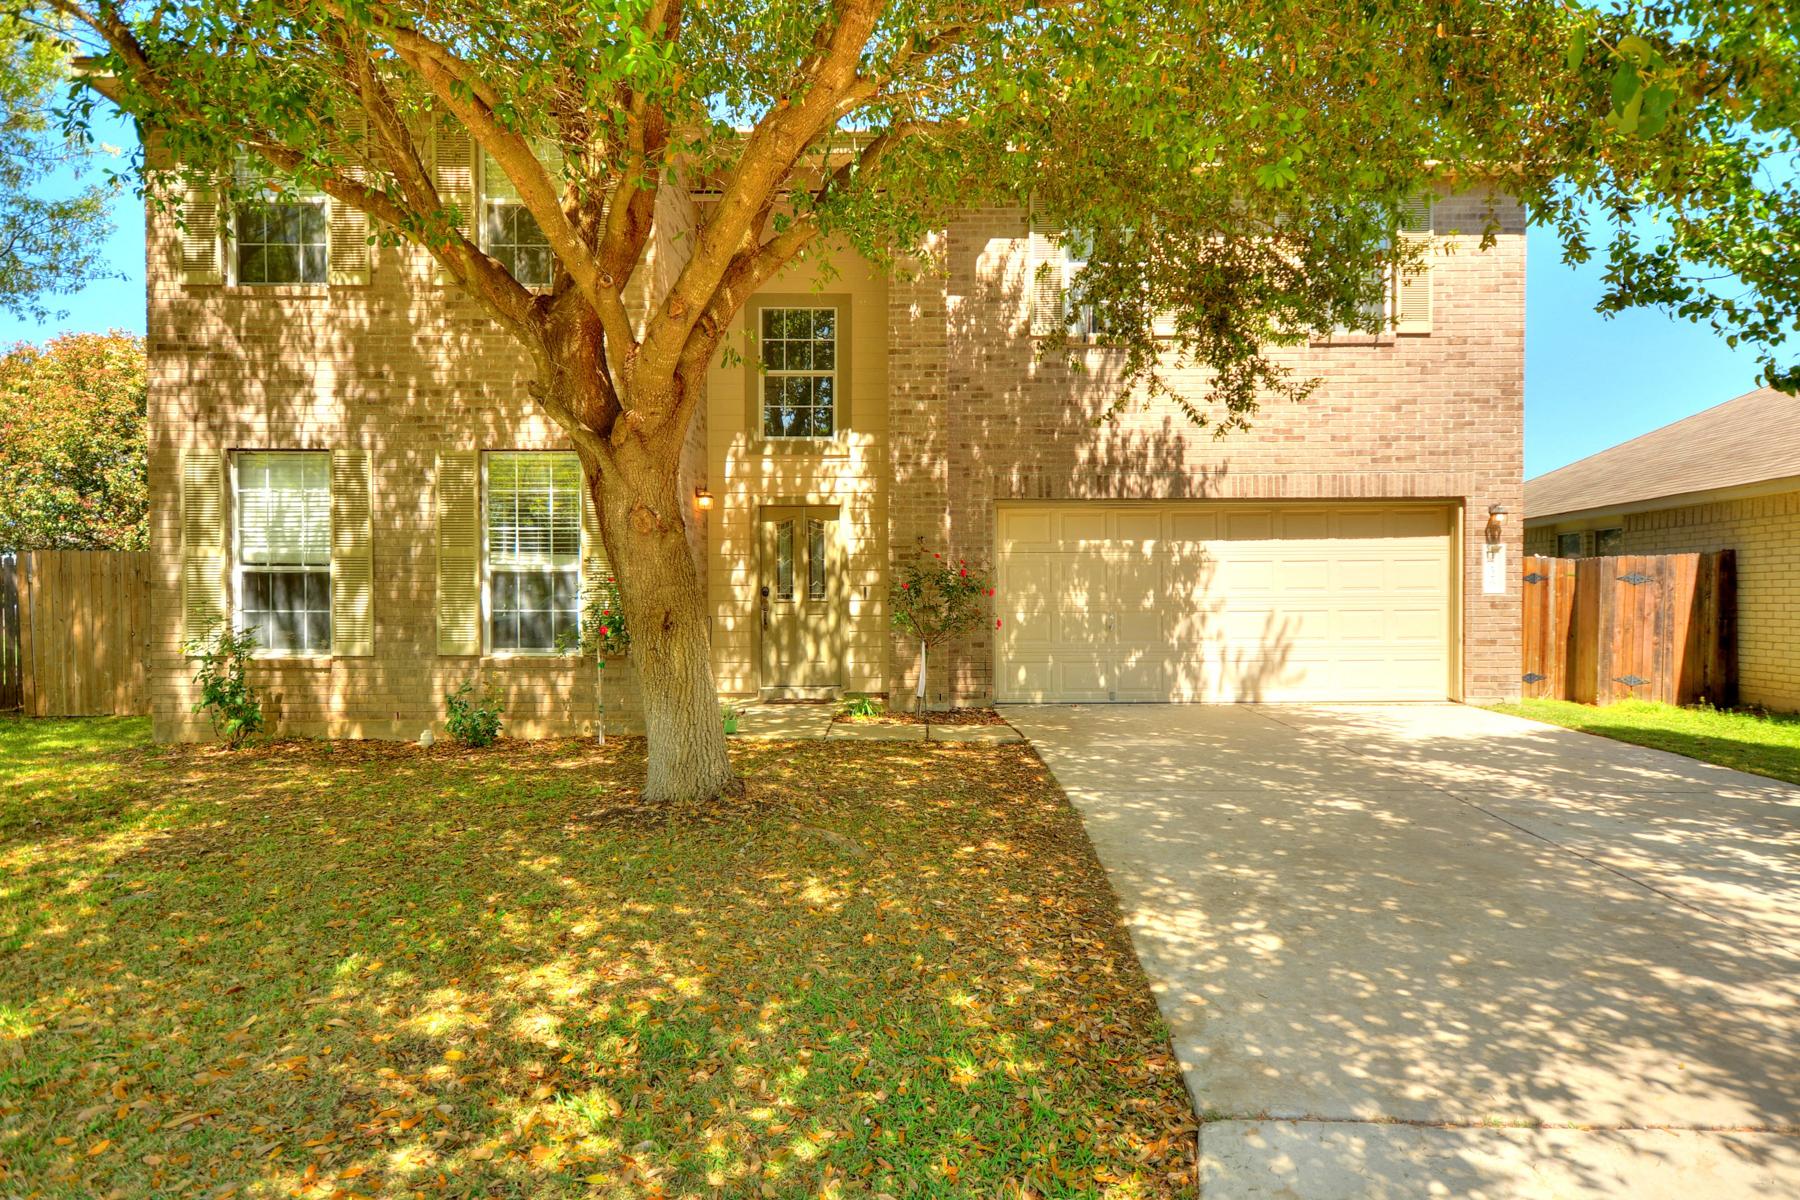 独户住宅 为 销售 在 Fantastic Two Story in Westcreek 1226 Tetford 圣安东尼奥, 得克萨斯州, 78253 美国